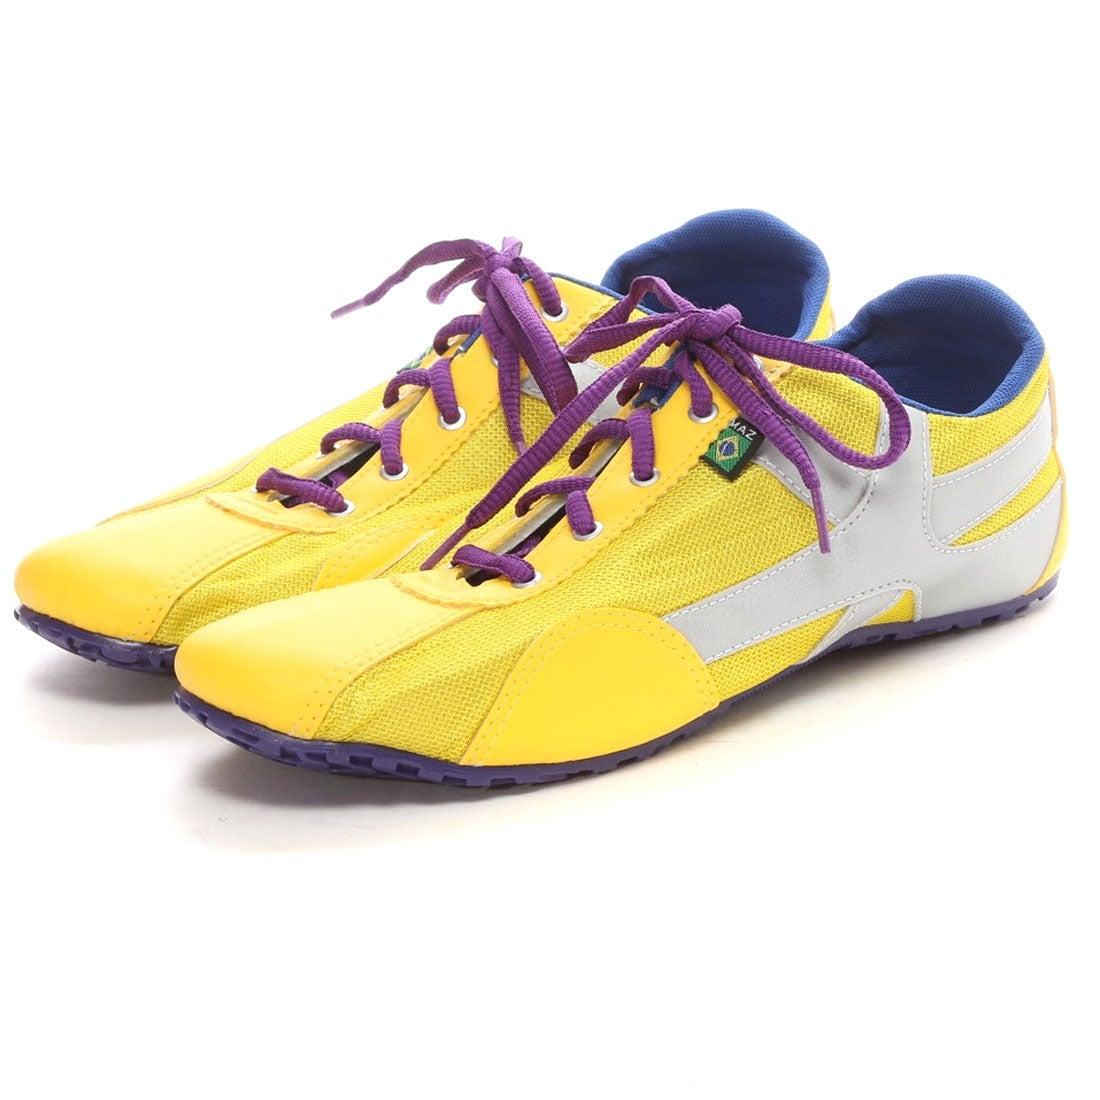 マズ ブラジル MAZ Brasil Classic (Yellow/Black/Purple) レディース メンズ